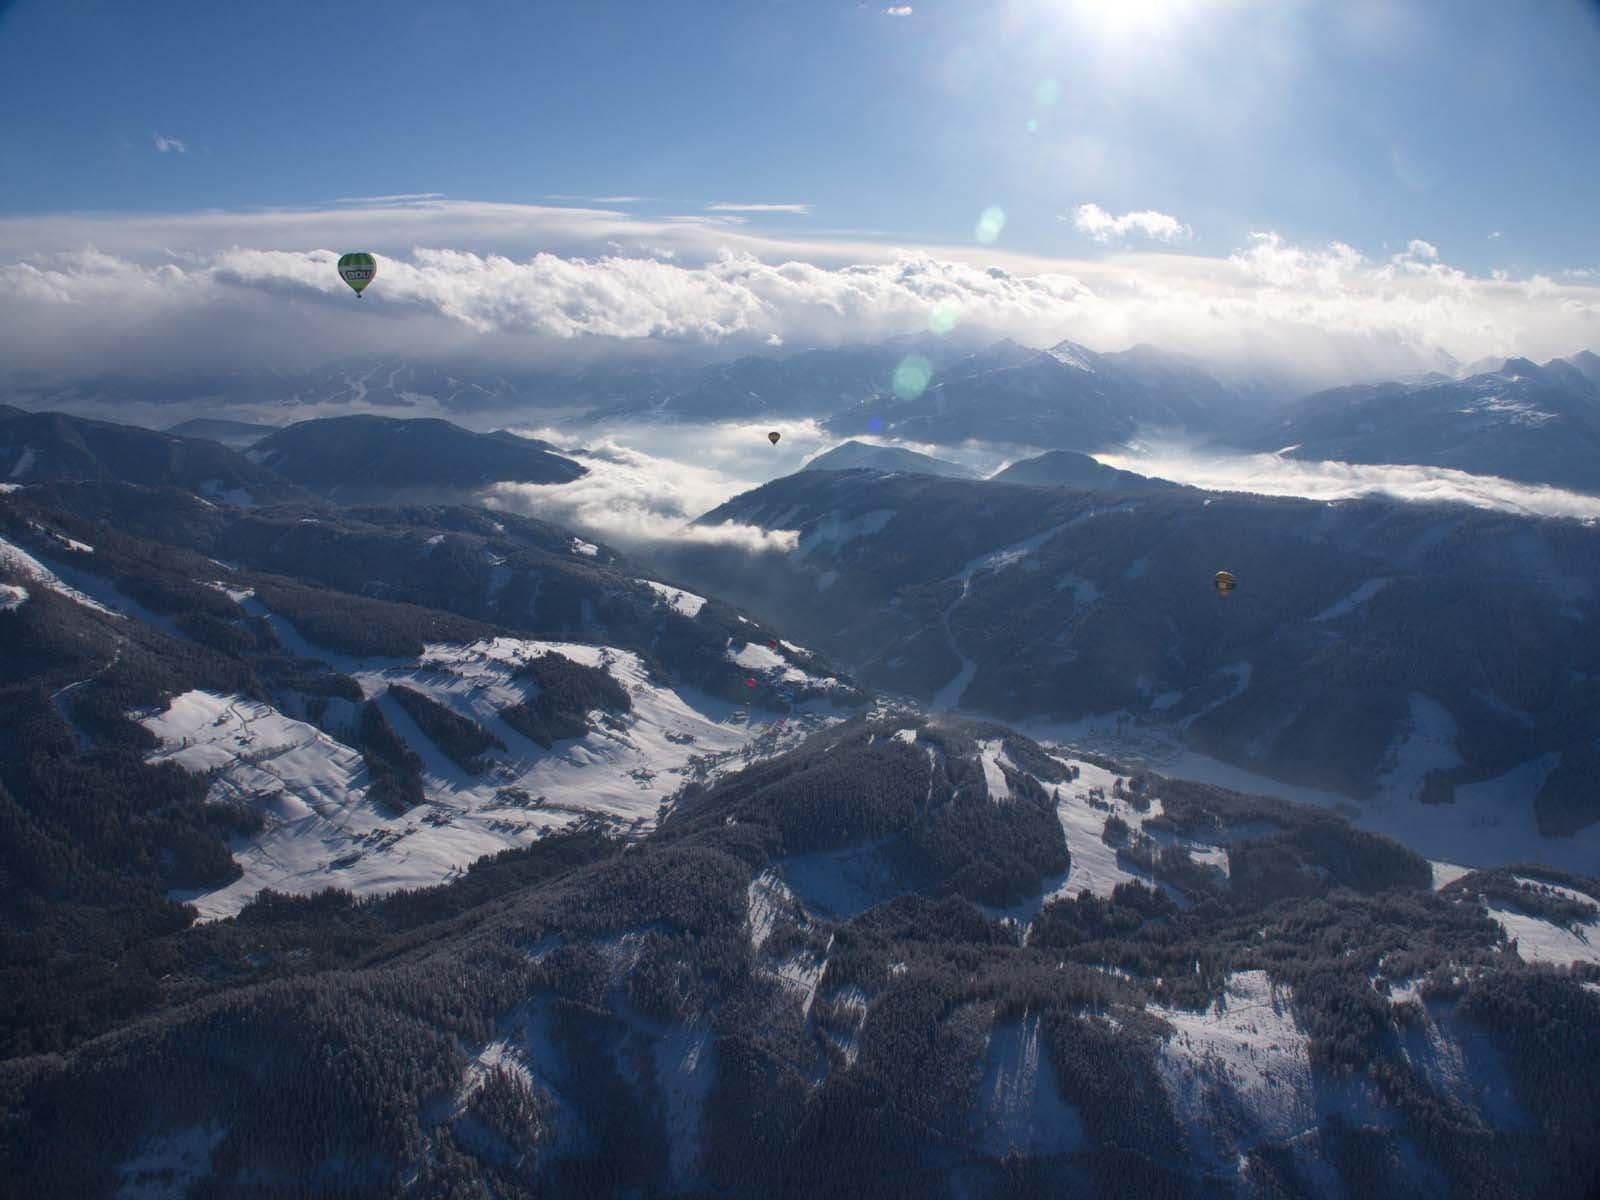 Hoch oben über den Bergen